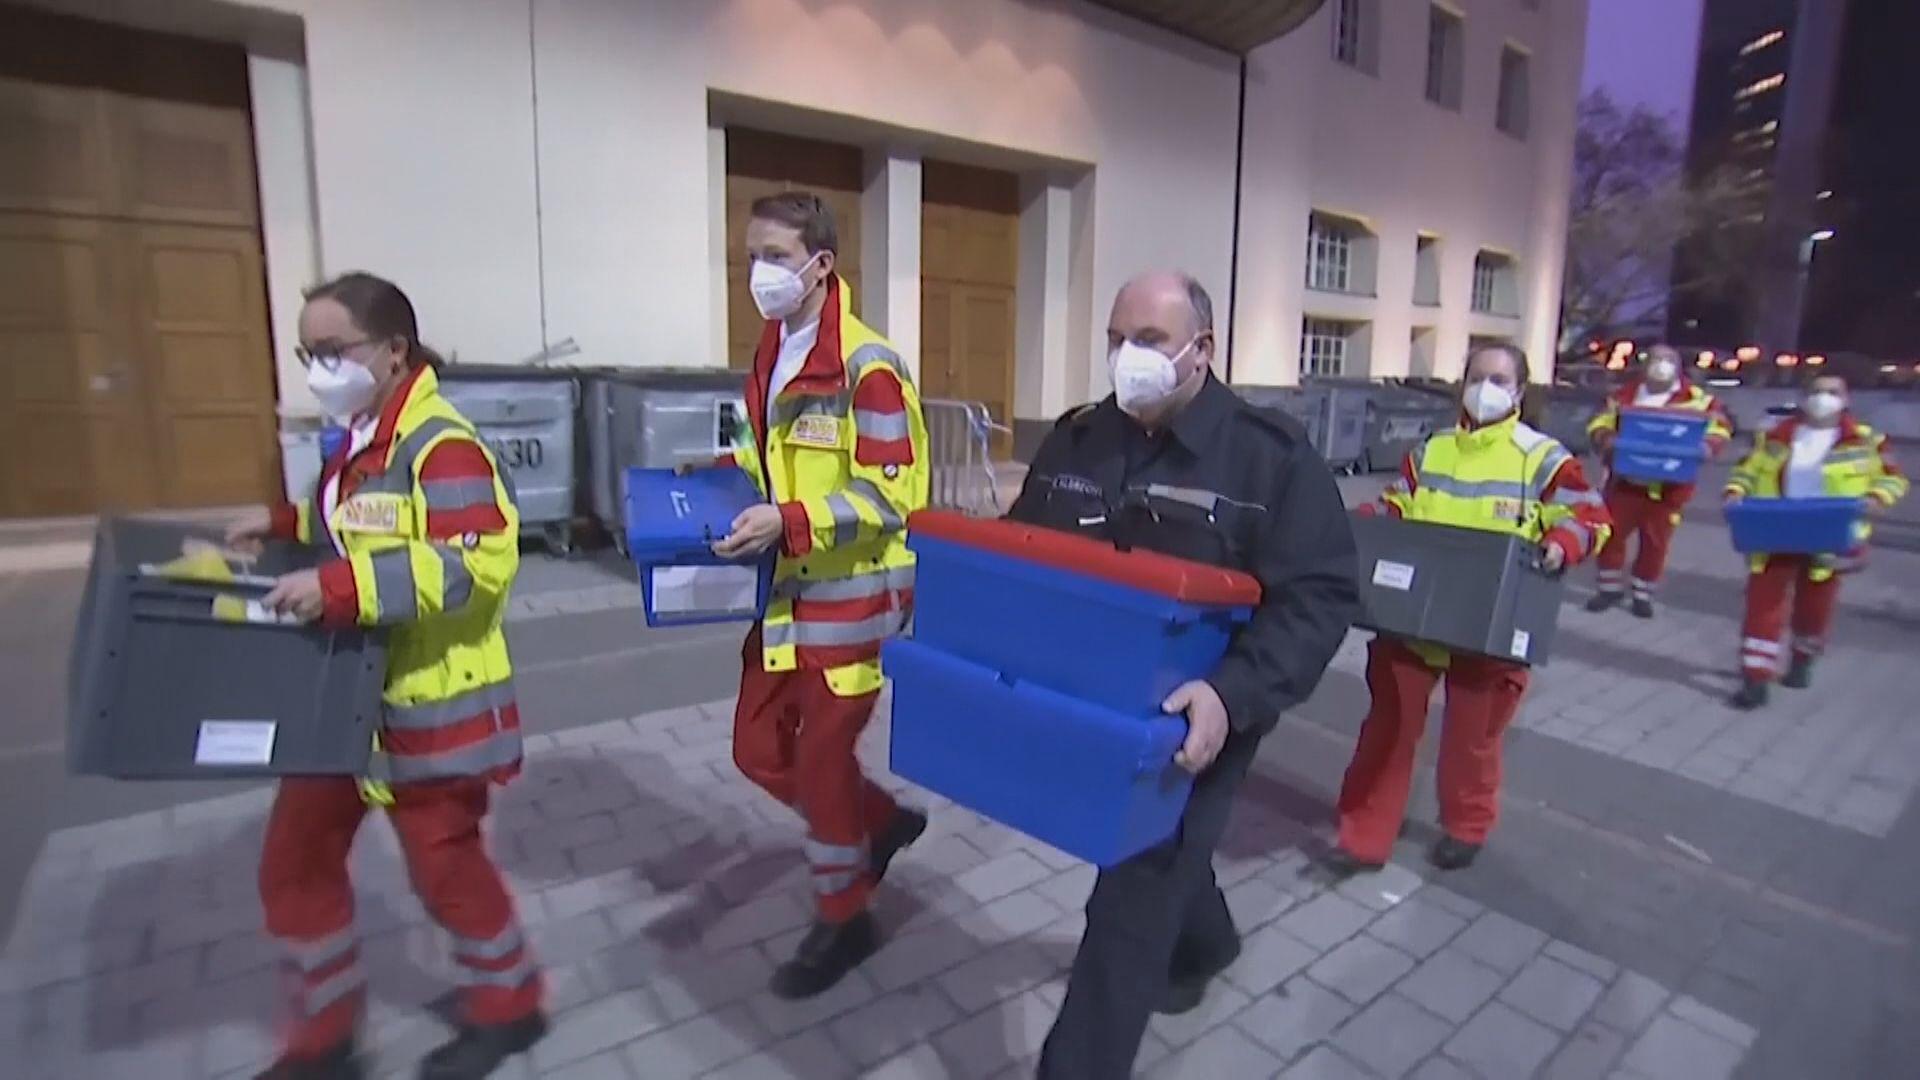 輝瑞疫苗運抵德國溫度過高 當局決定不用該批新冠疫苗